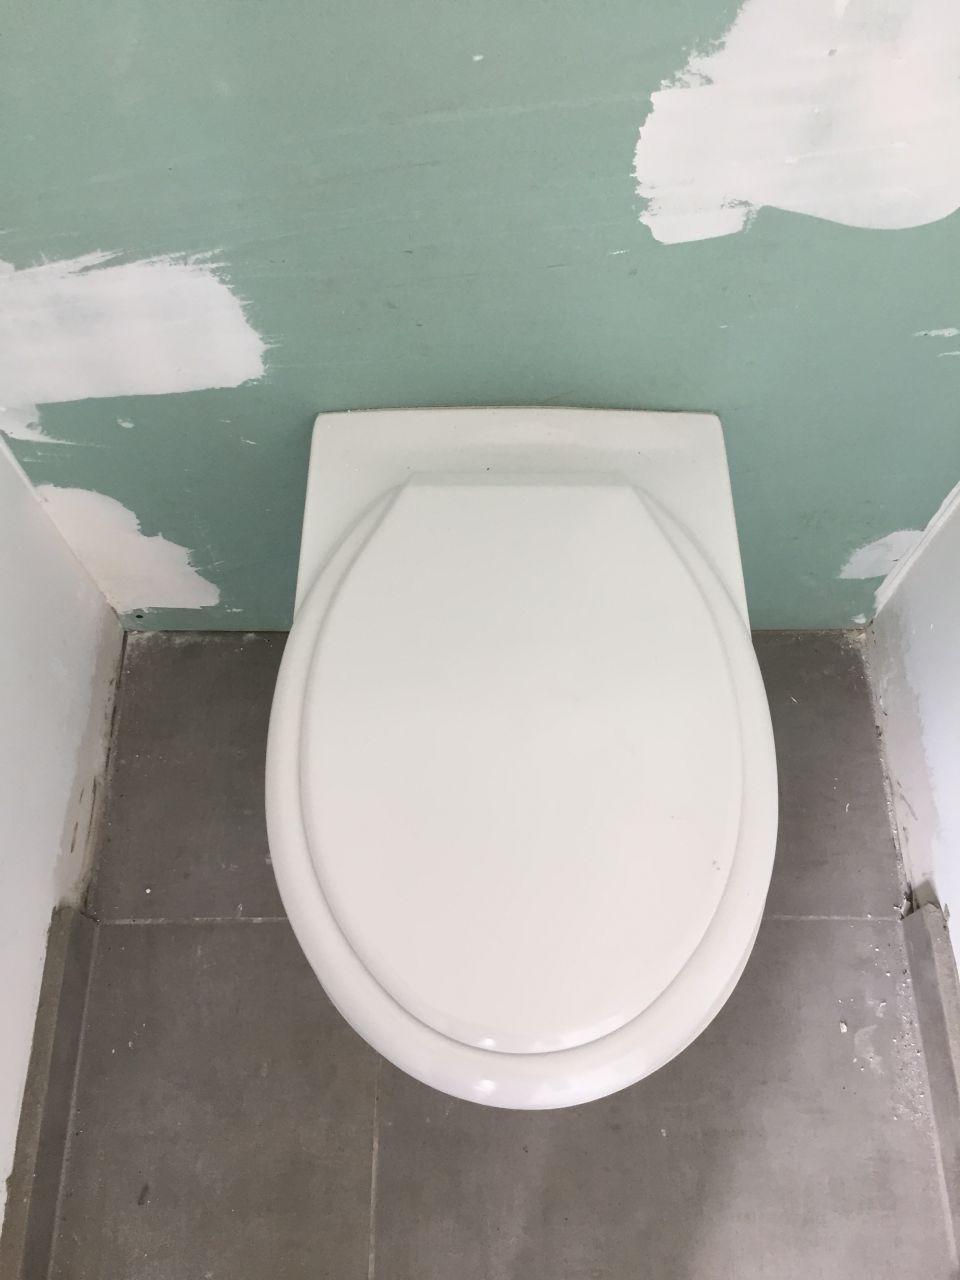 MAUVAIS ABATTANT DE WC SUSPENDU